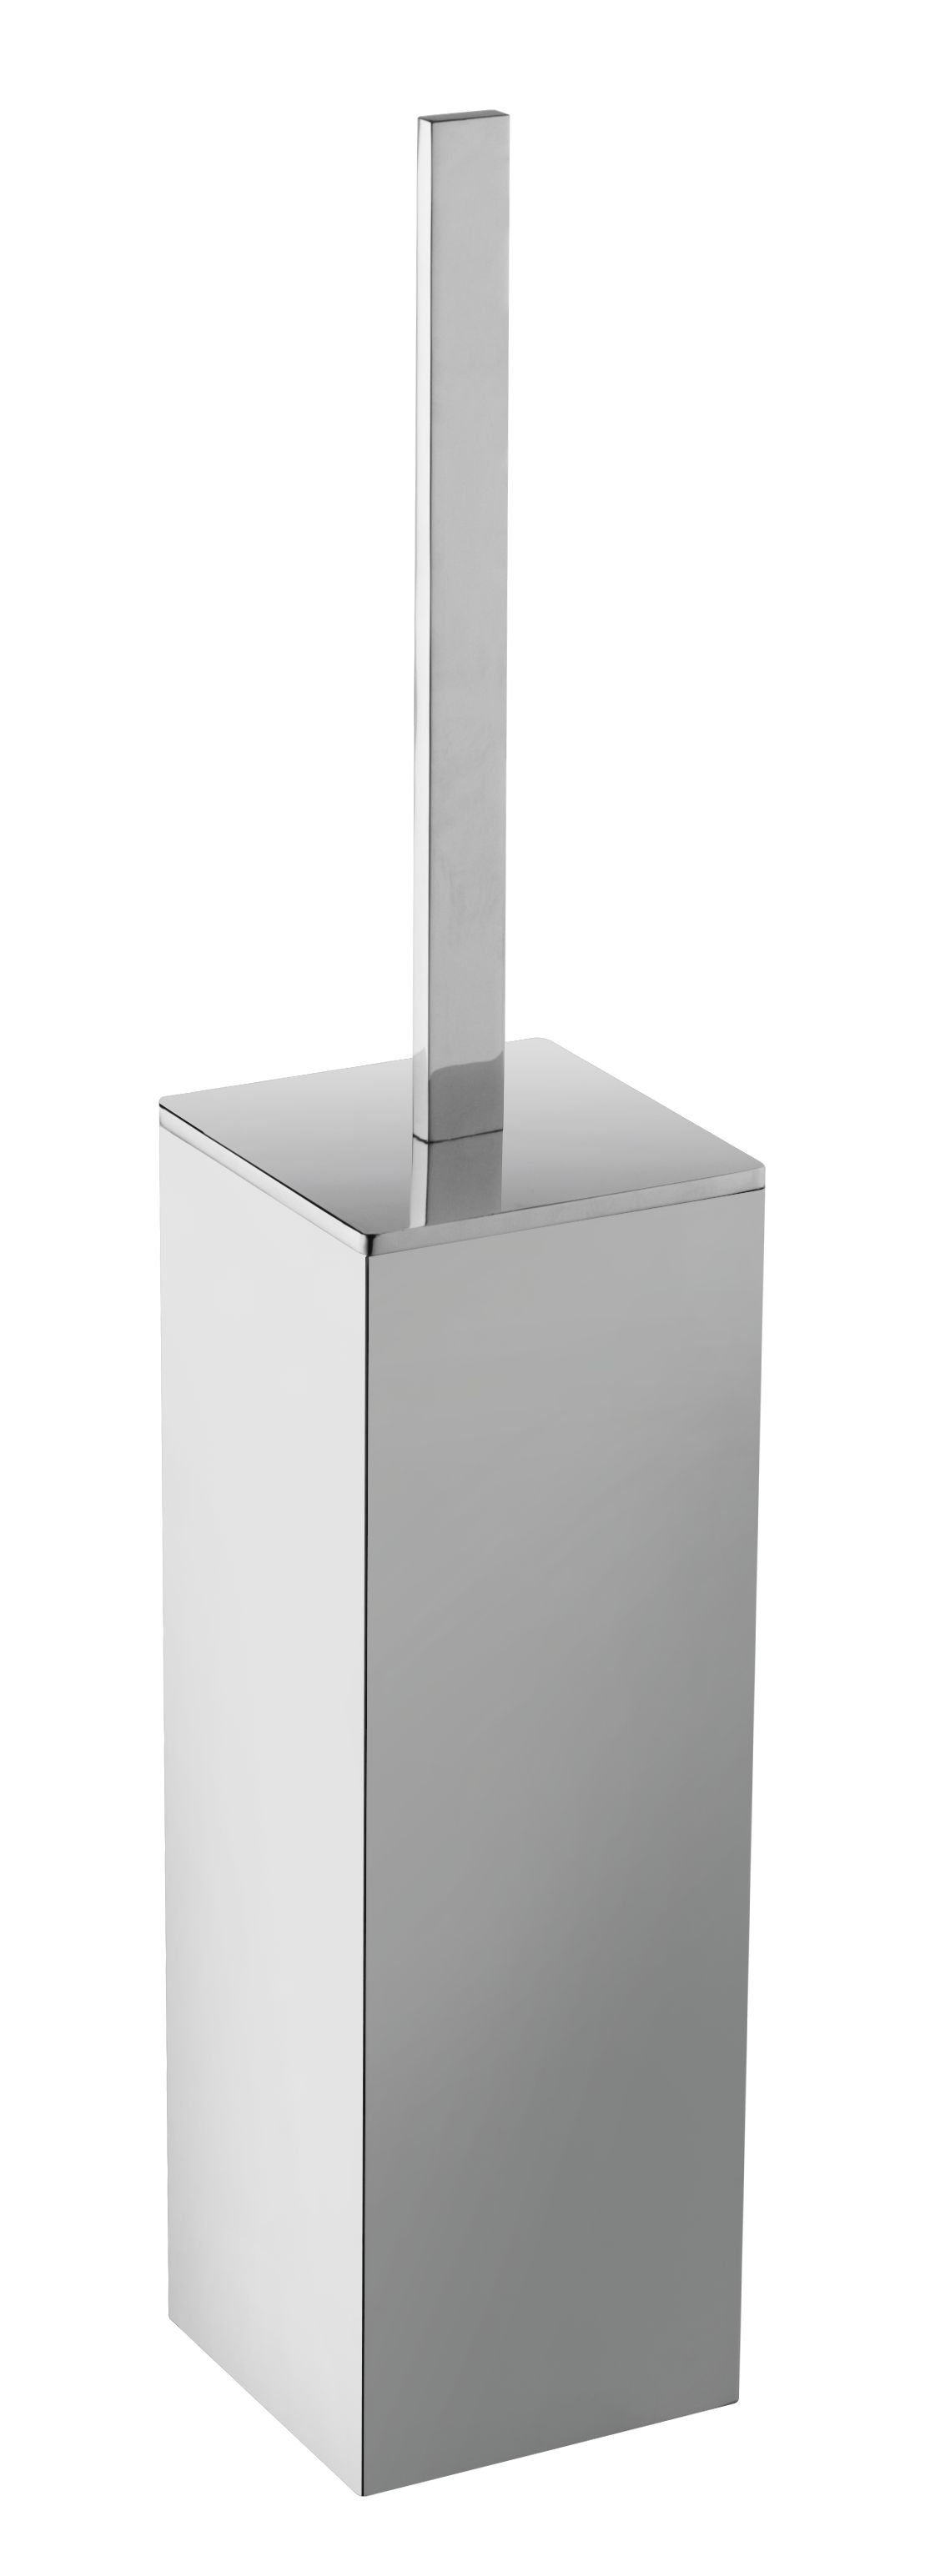 Wiesbaden Eris vrijstaande toiletborstelhouder chroom